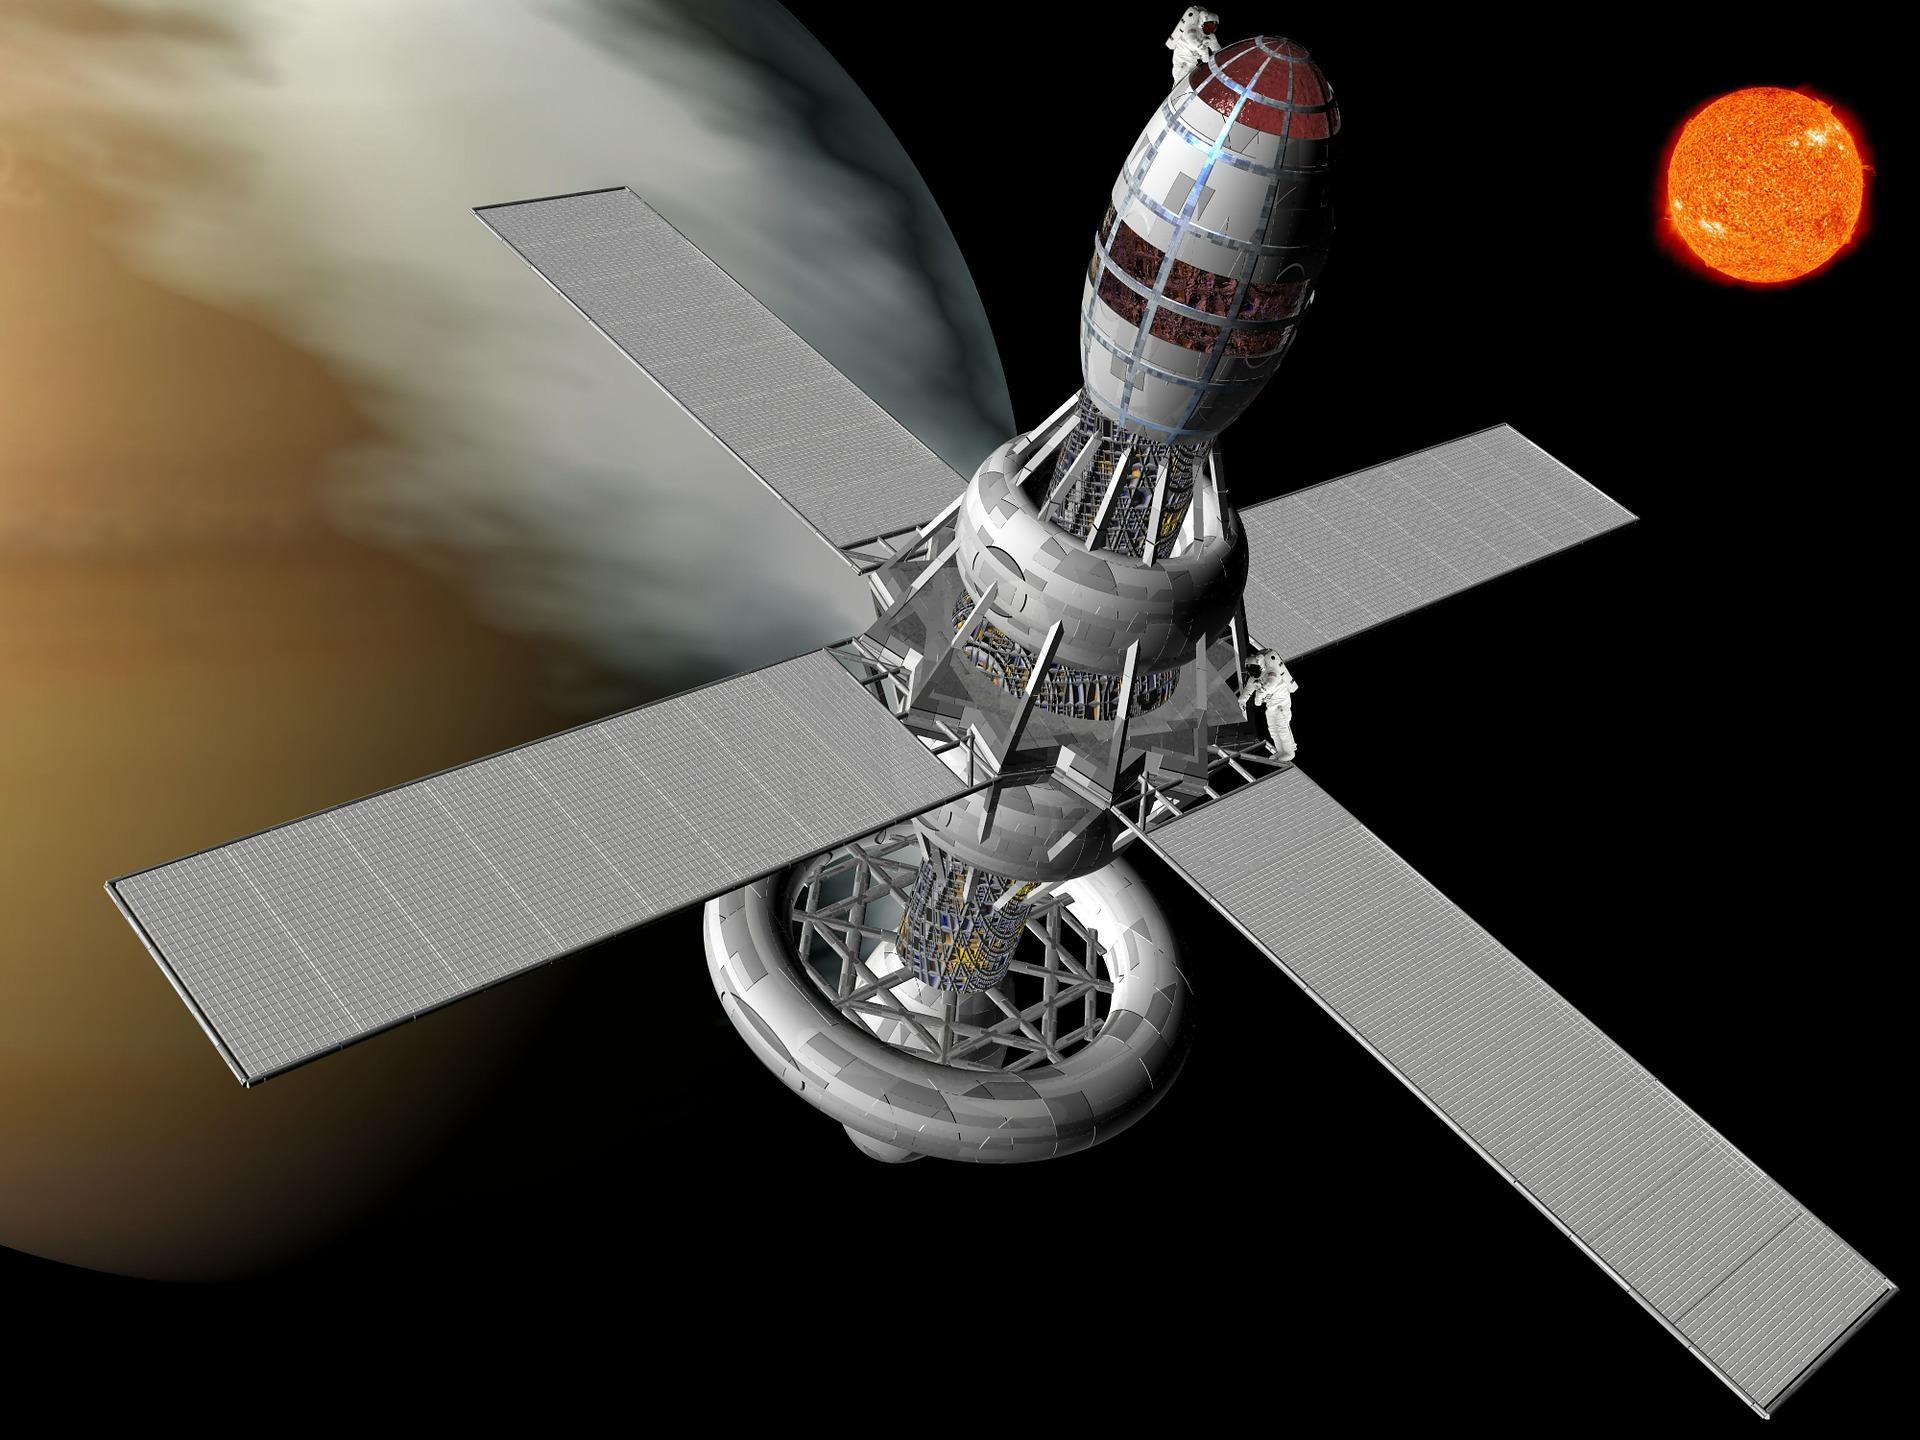 NASA-in sonda izbliza snimila do sada najudaljeniji svemirski objekt, Ultimu Thulu